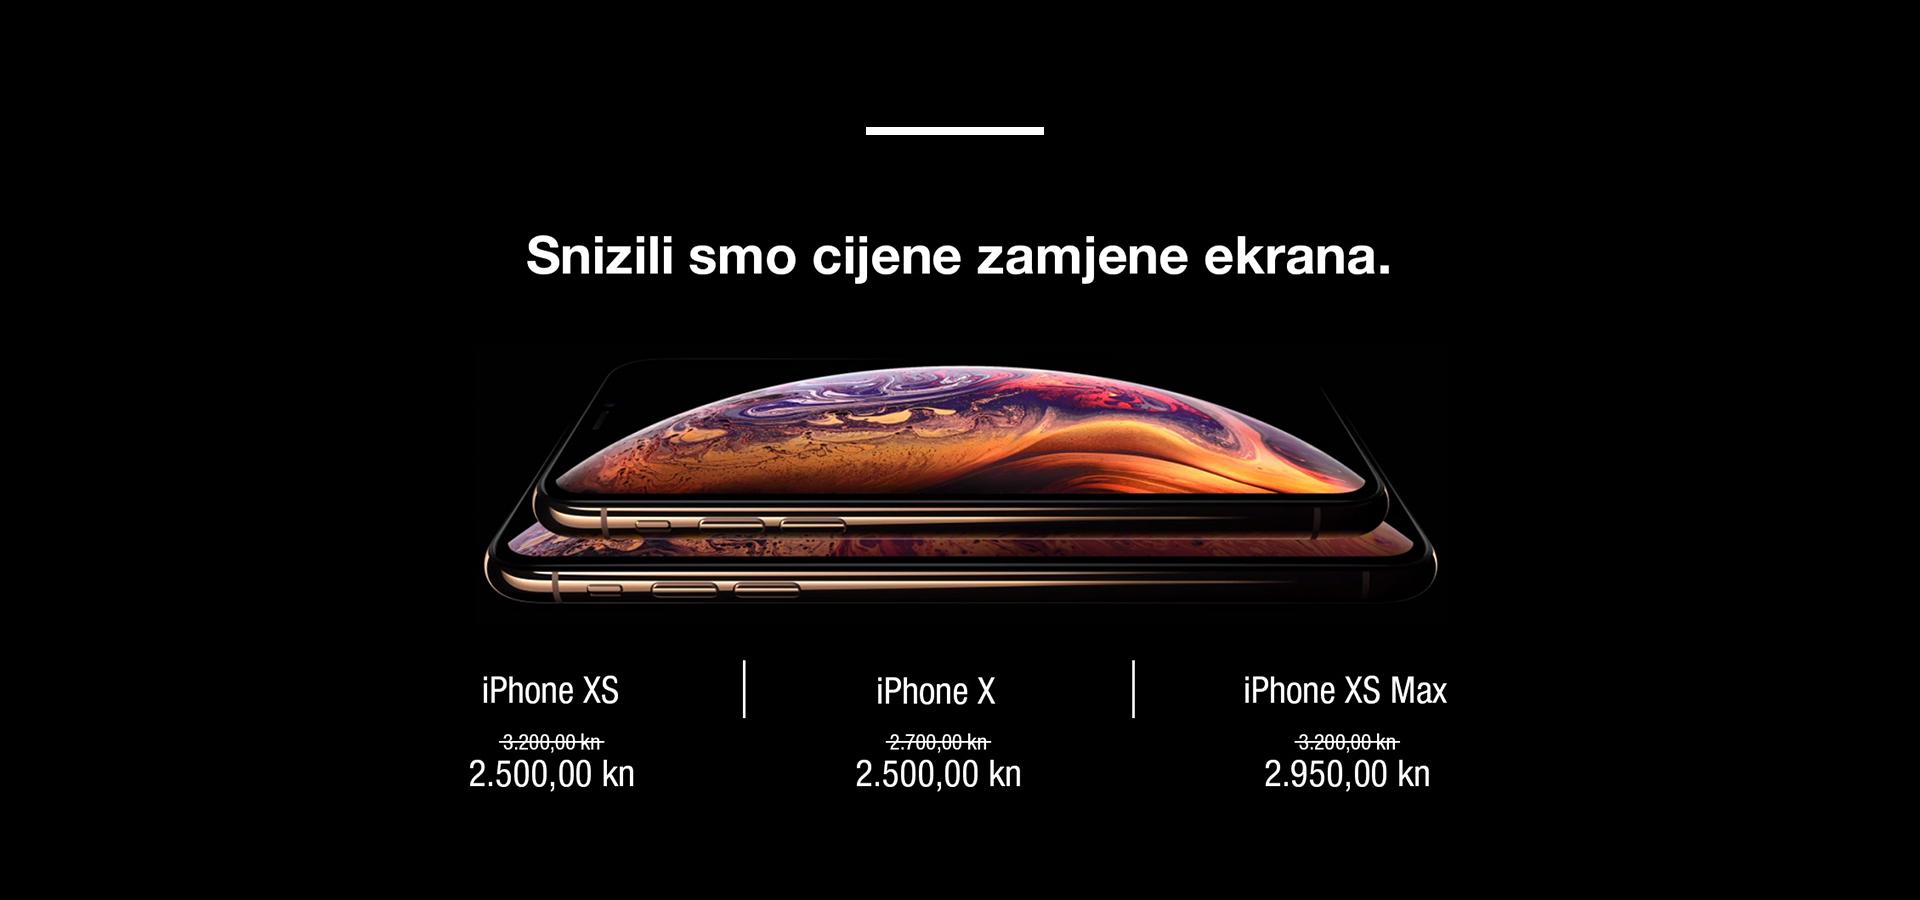 apple-iphone-nize-cijene-zamjene-ekrana-landing